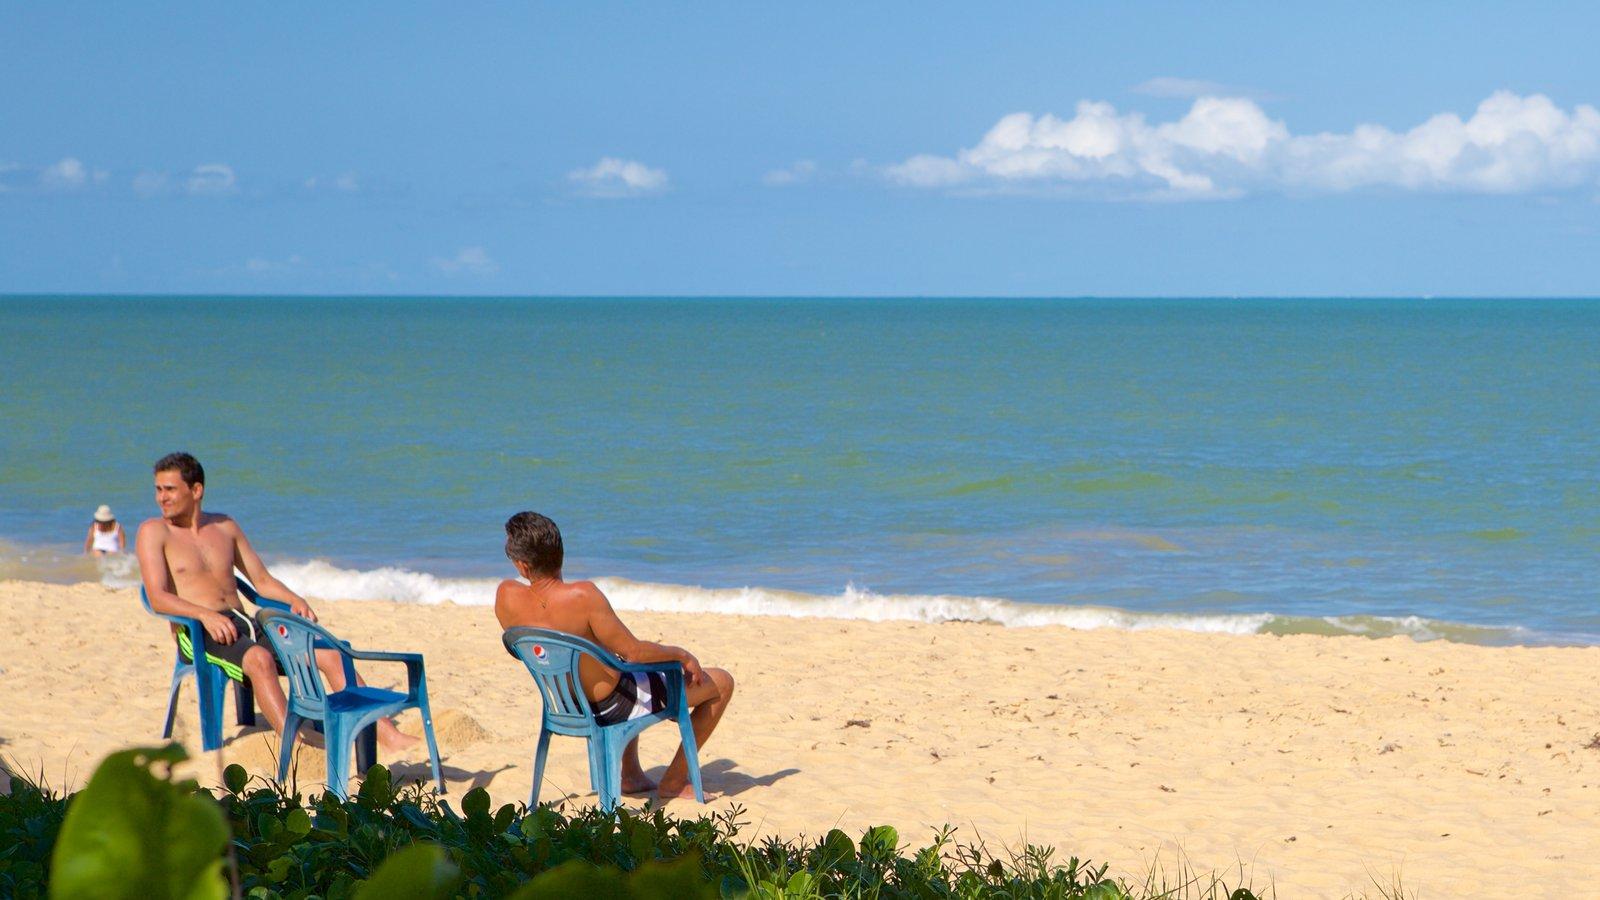 Praia de Taperapuã mostrando paisagens litorâneas, uma praia e ondas